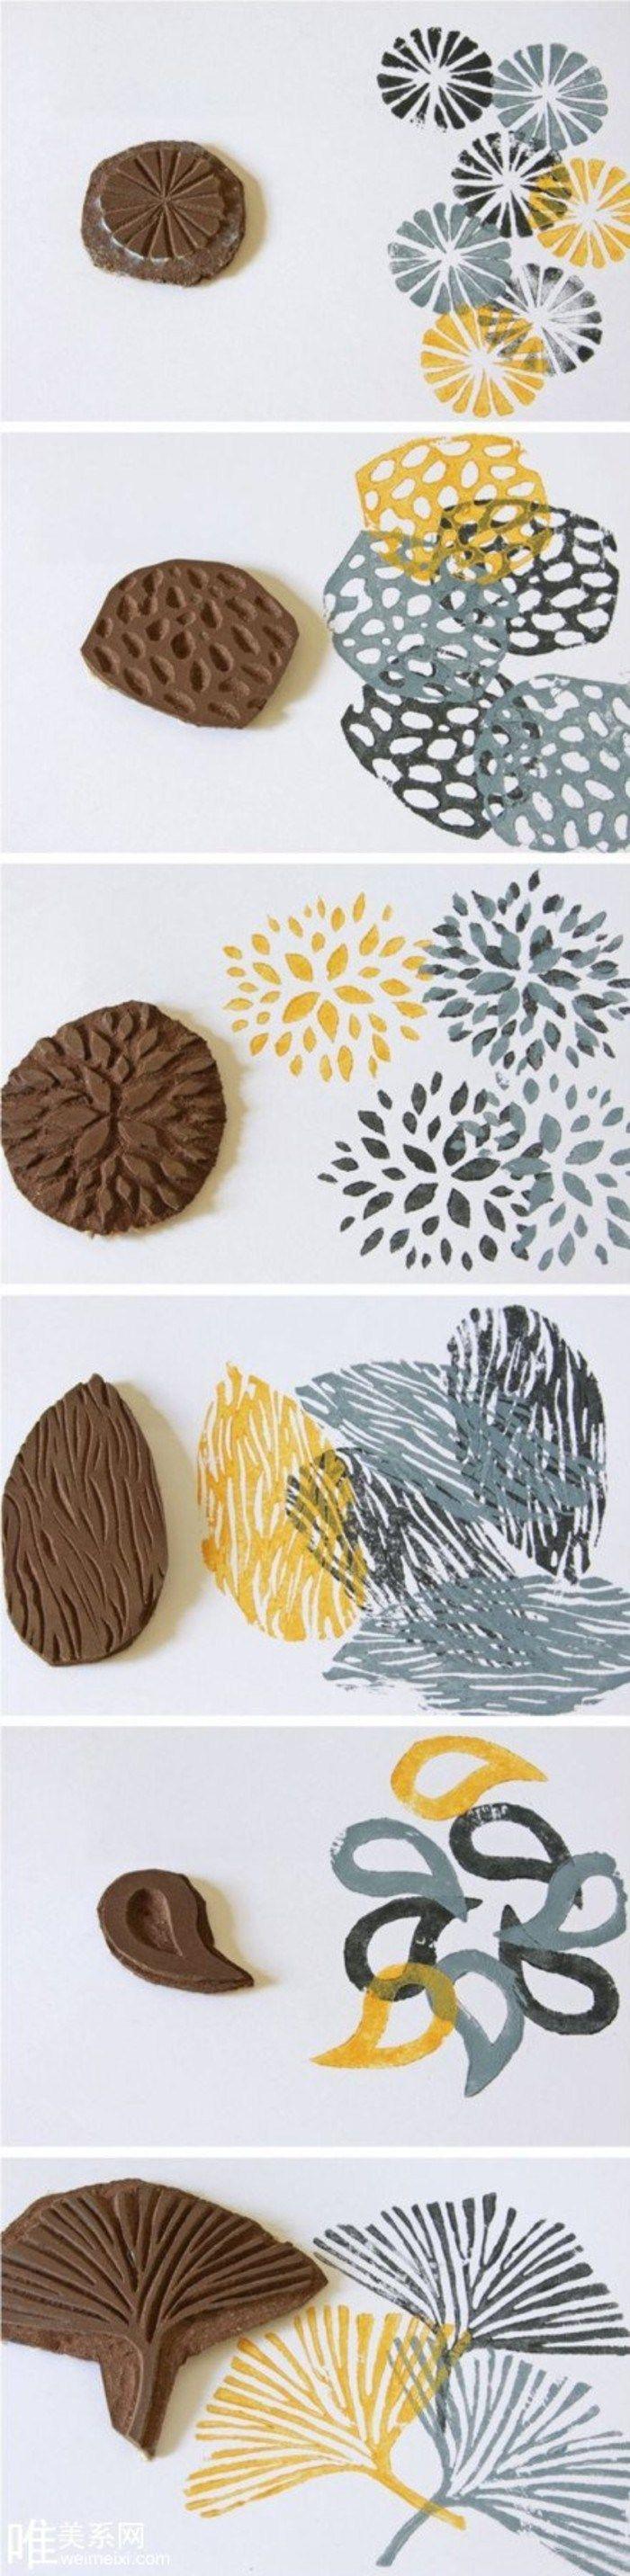 Творчество печати из  резиновой или полимерной глины